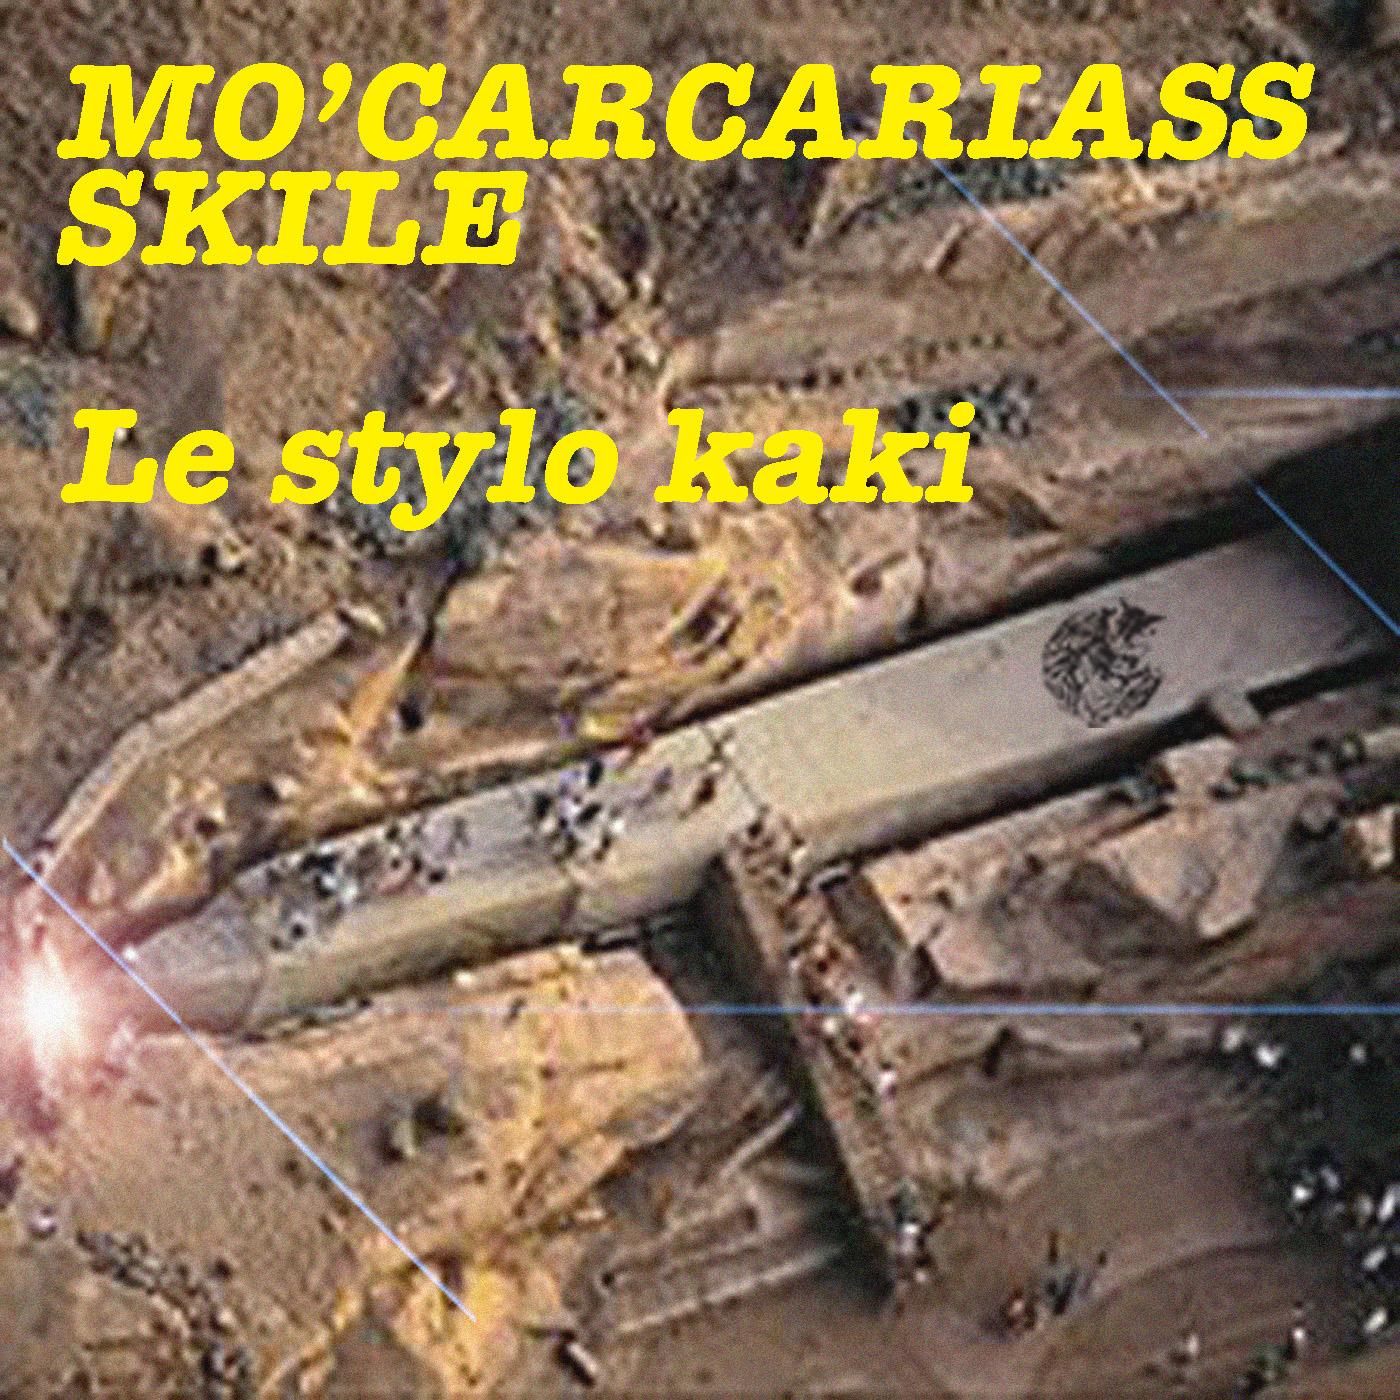 Lestylo kaki | Mo'Carcariass X Skile